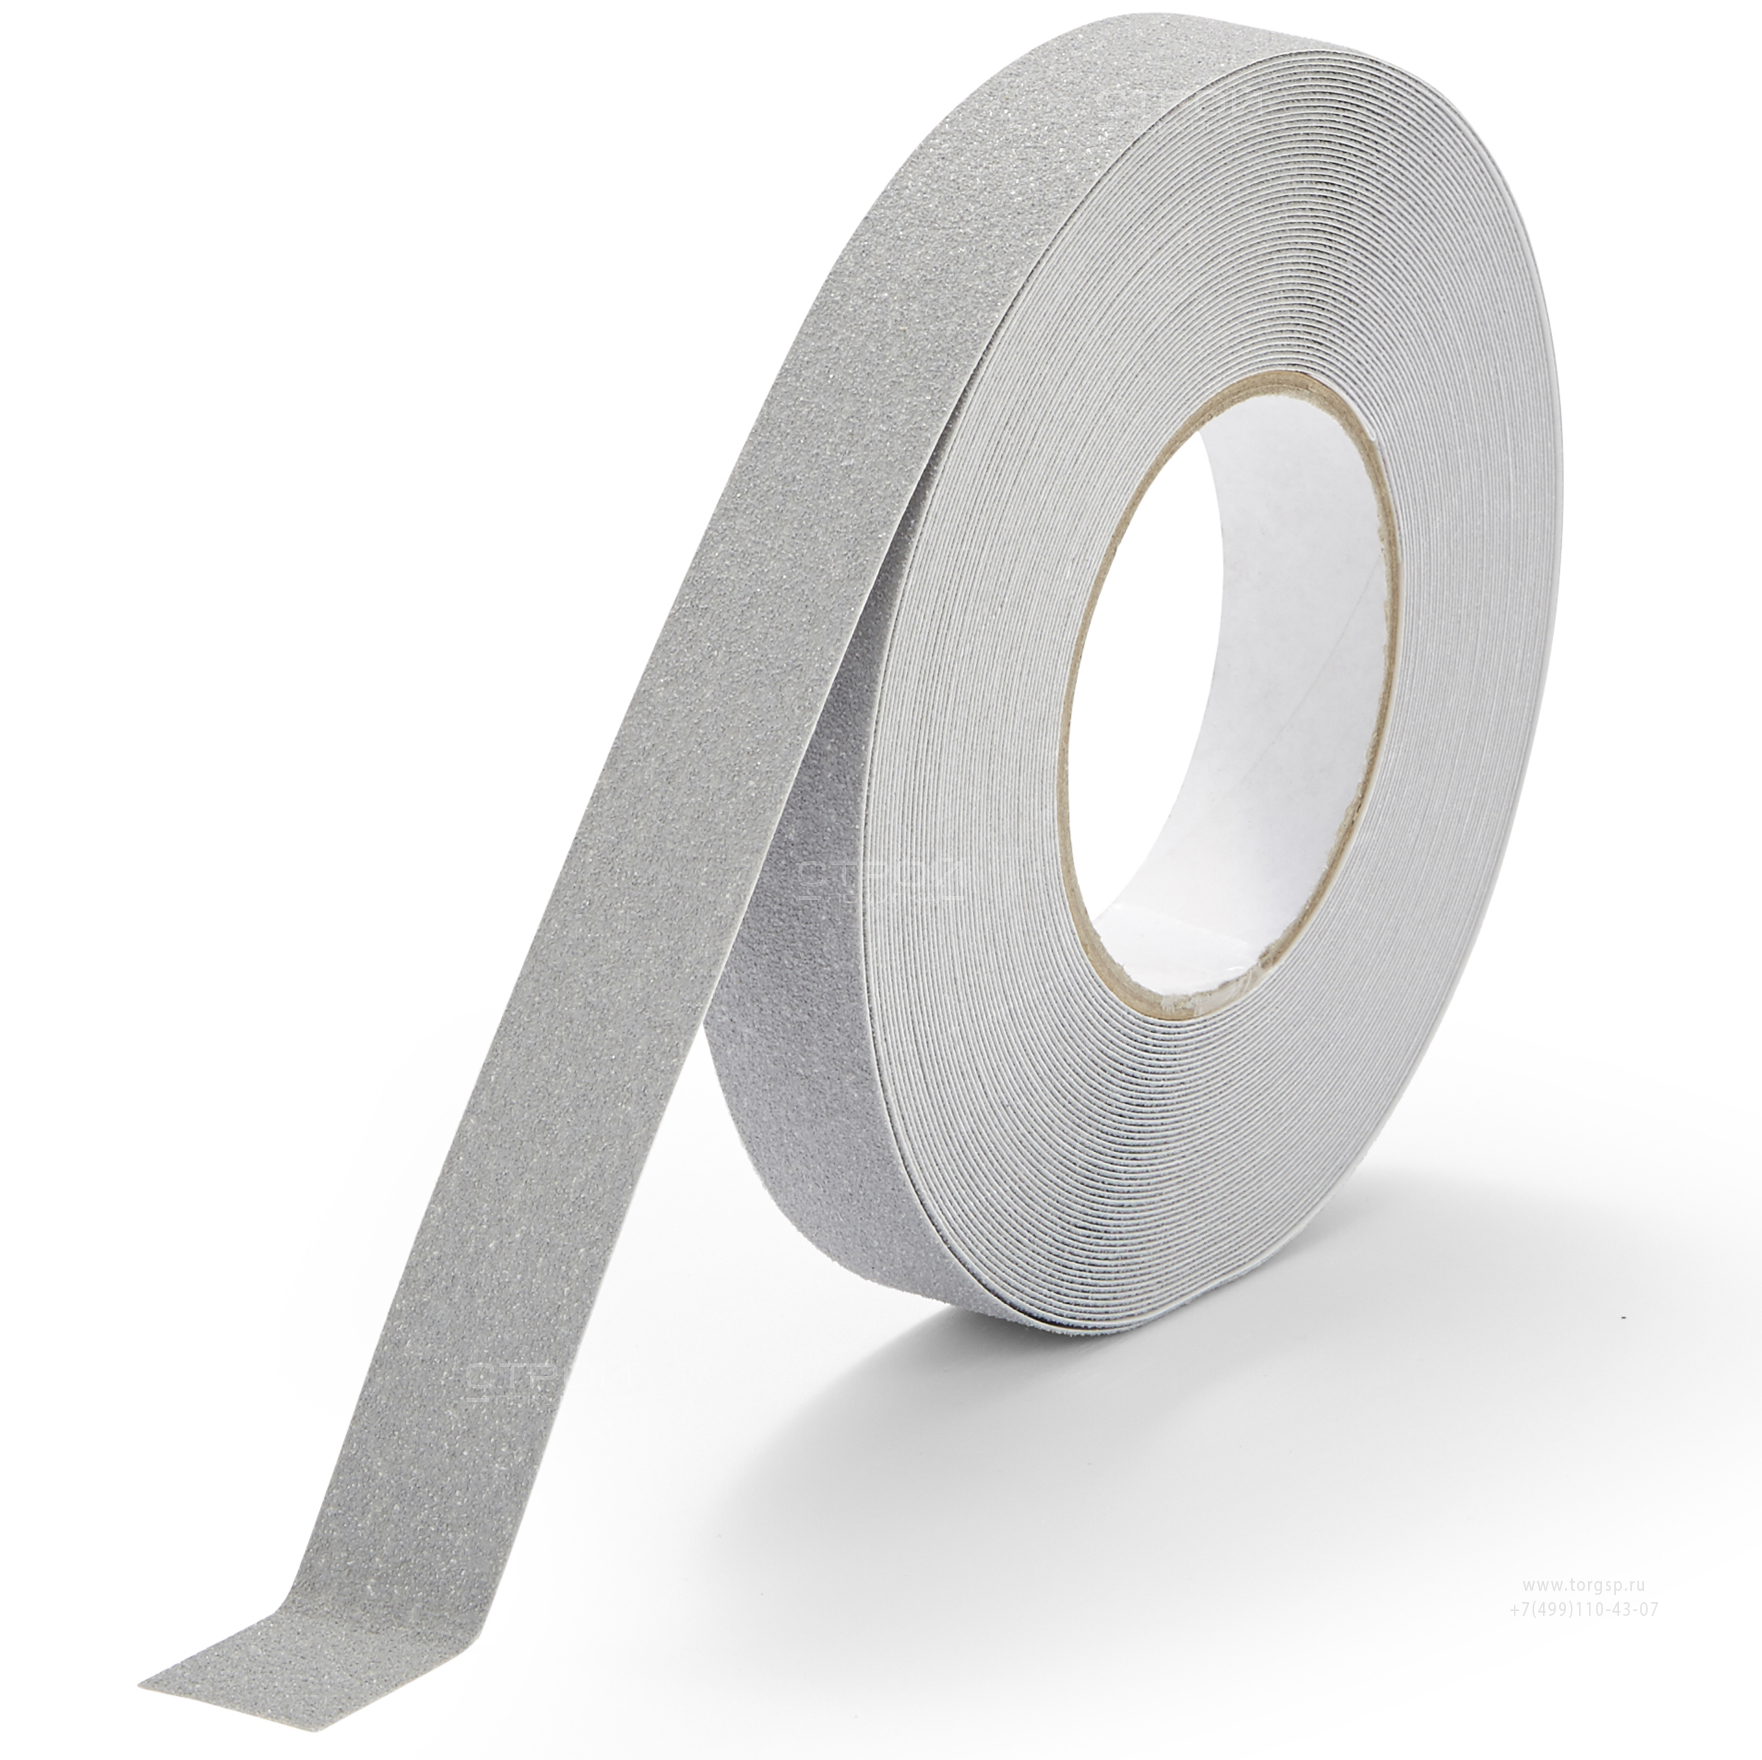 Серая противоскользящая лента Heskins с абразивным покрытием шириной 2,5 см